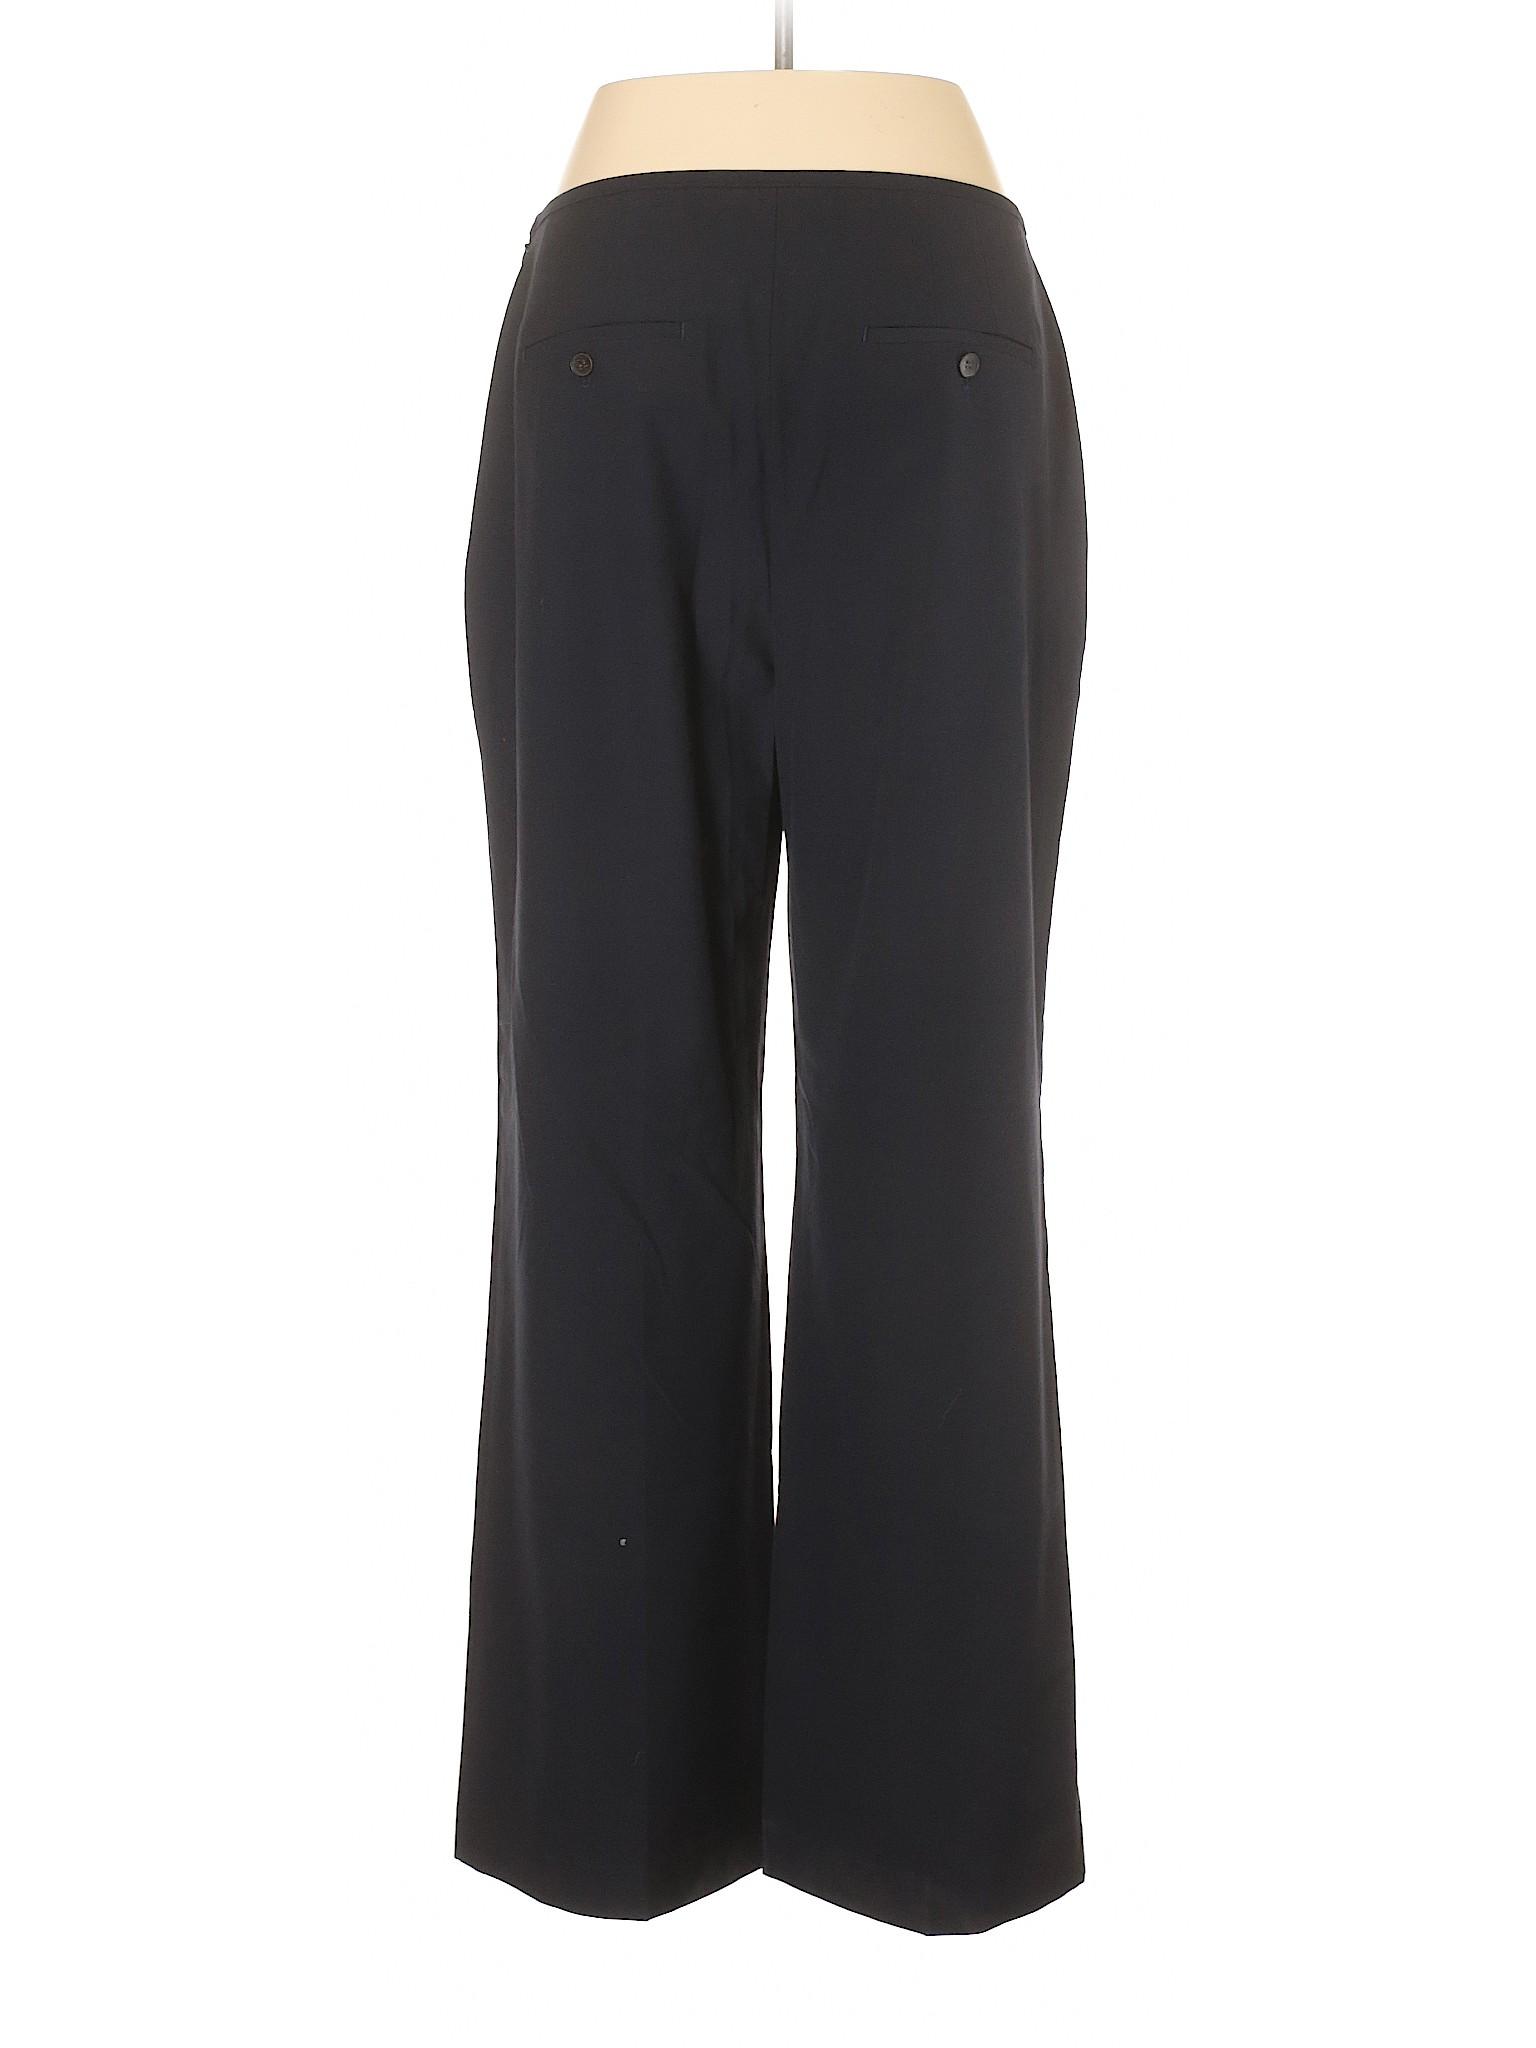 Talbots Dress leisure Pants Boutique Dress Talbots leisure Pants Boutique gvwaBA